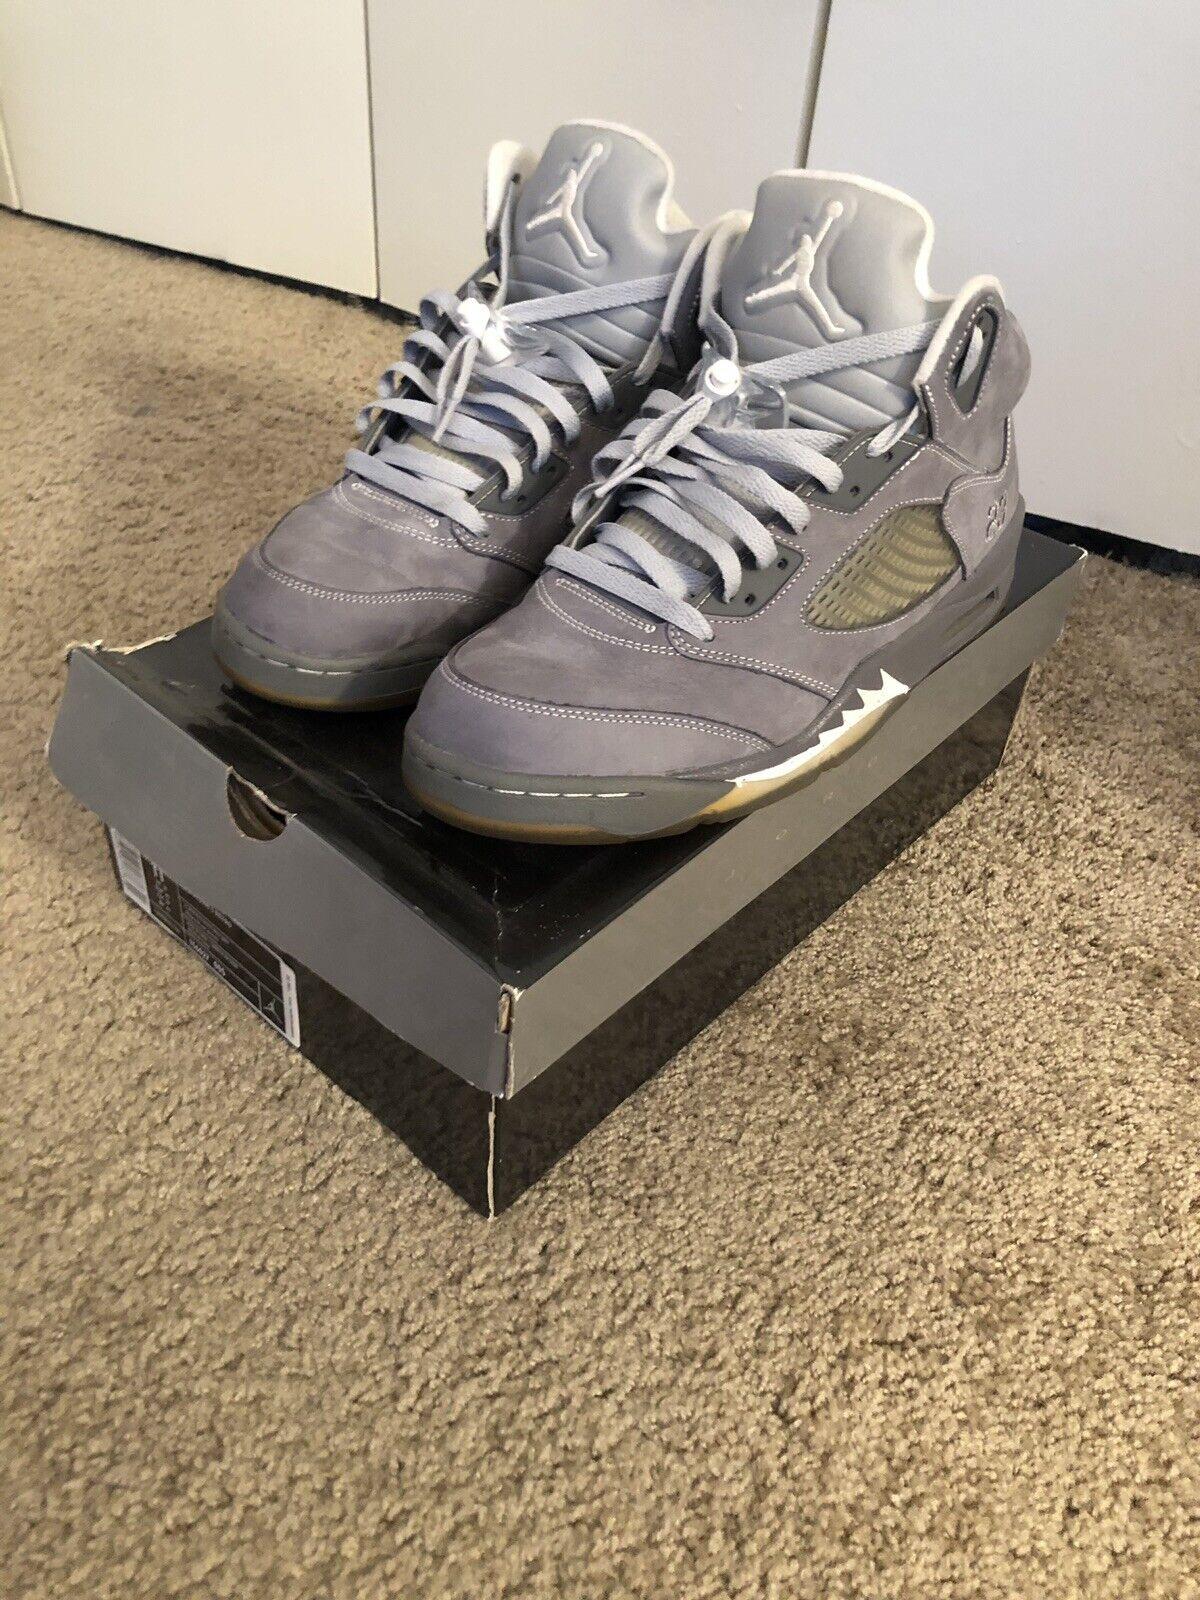 Jordan 5 Wolf Grey - Size 11